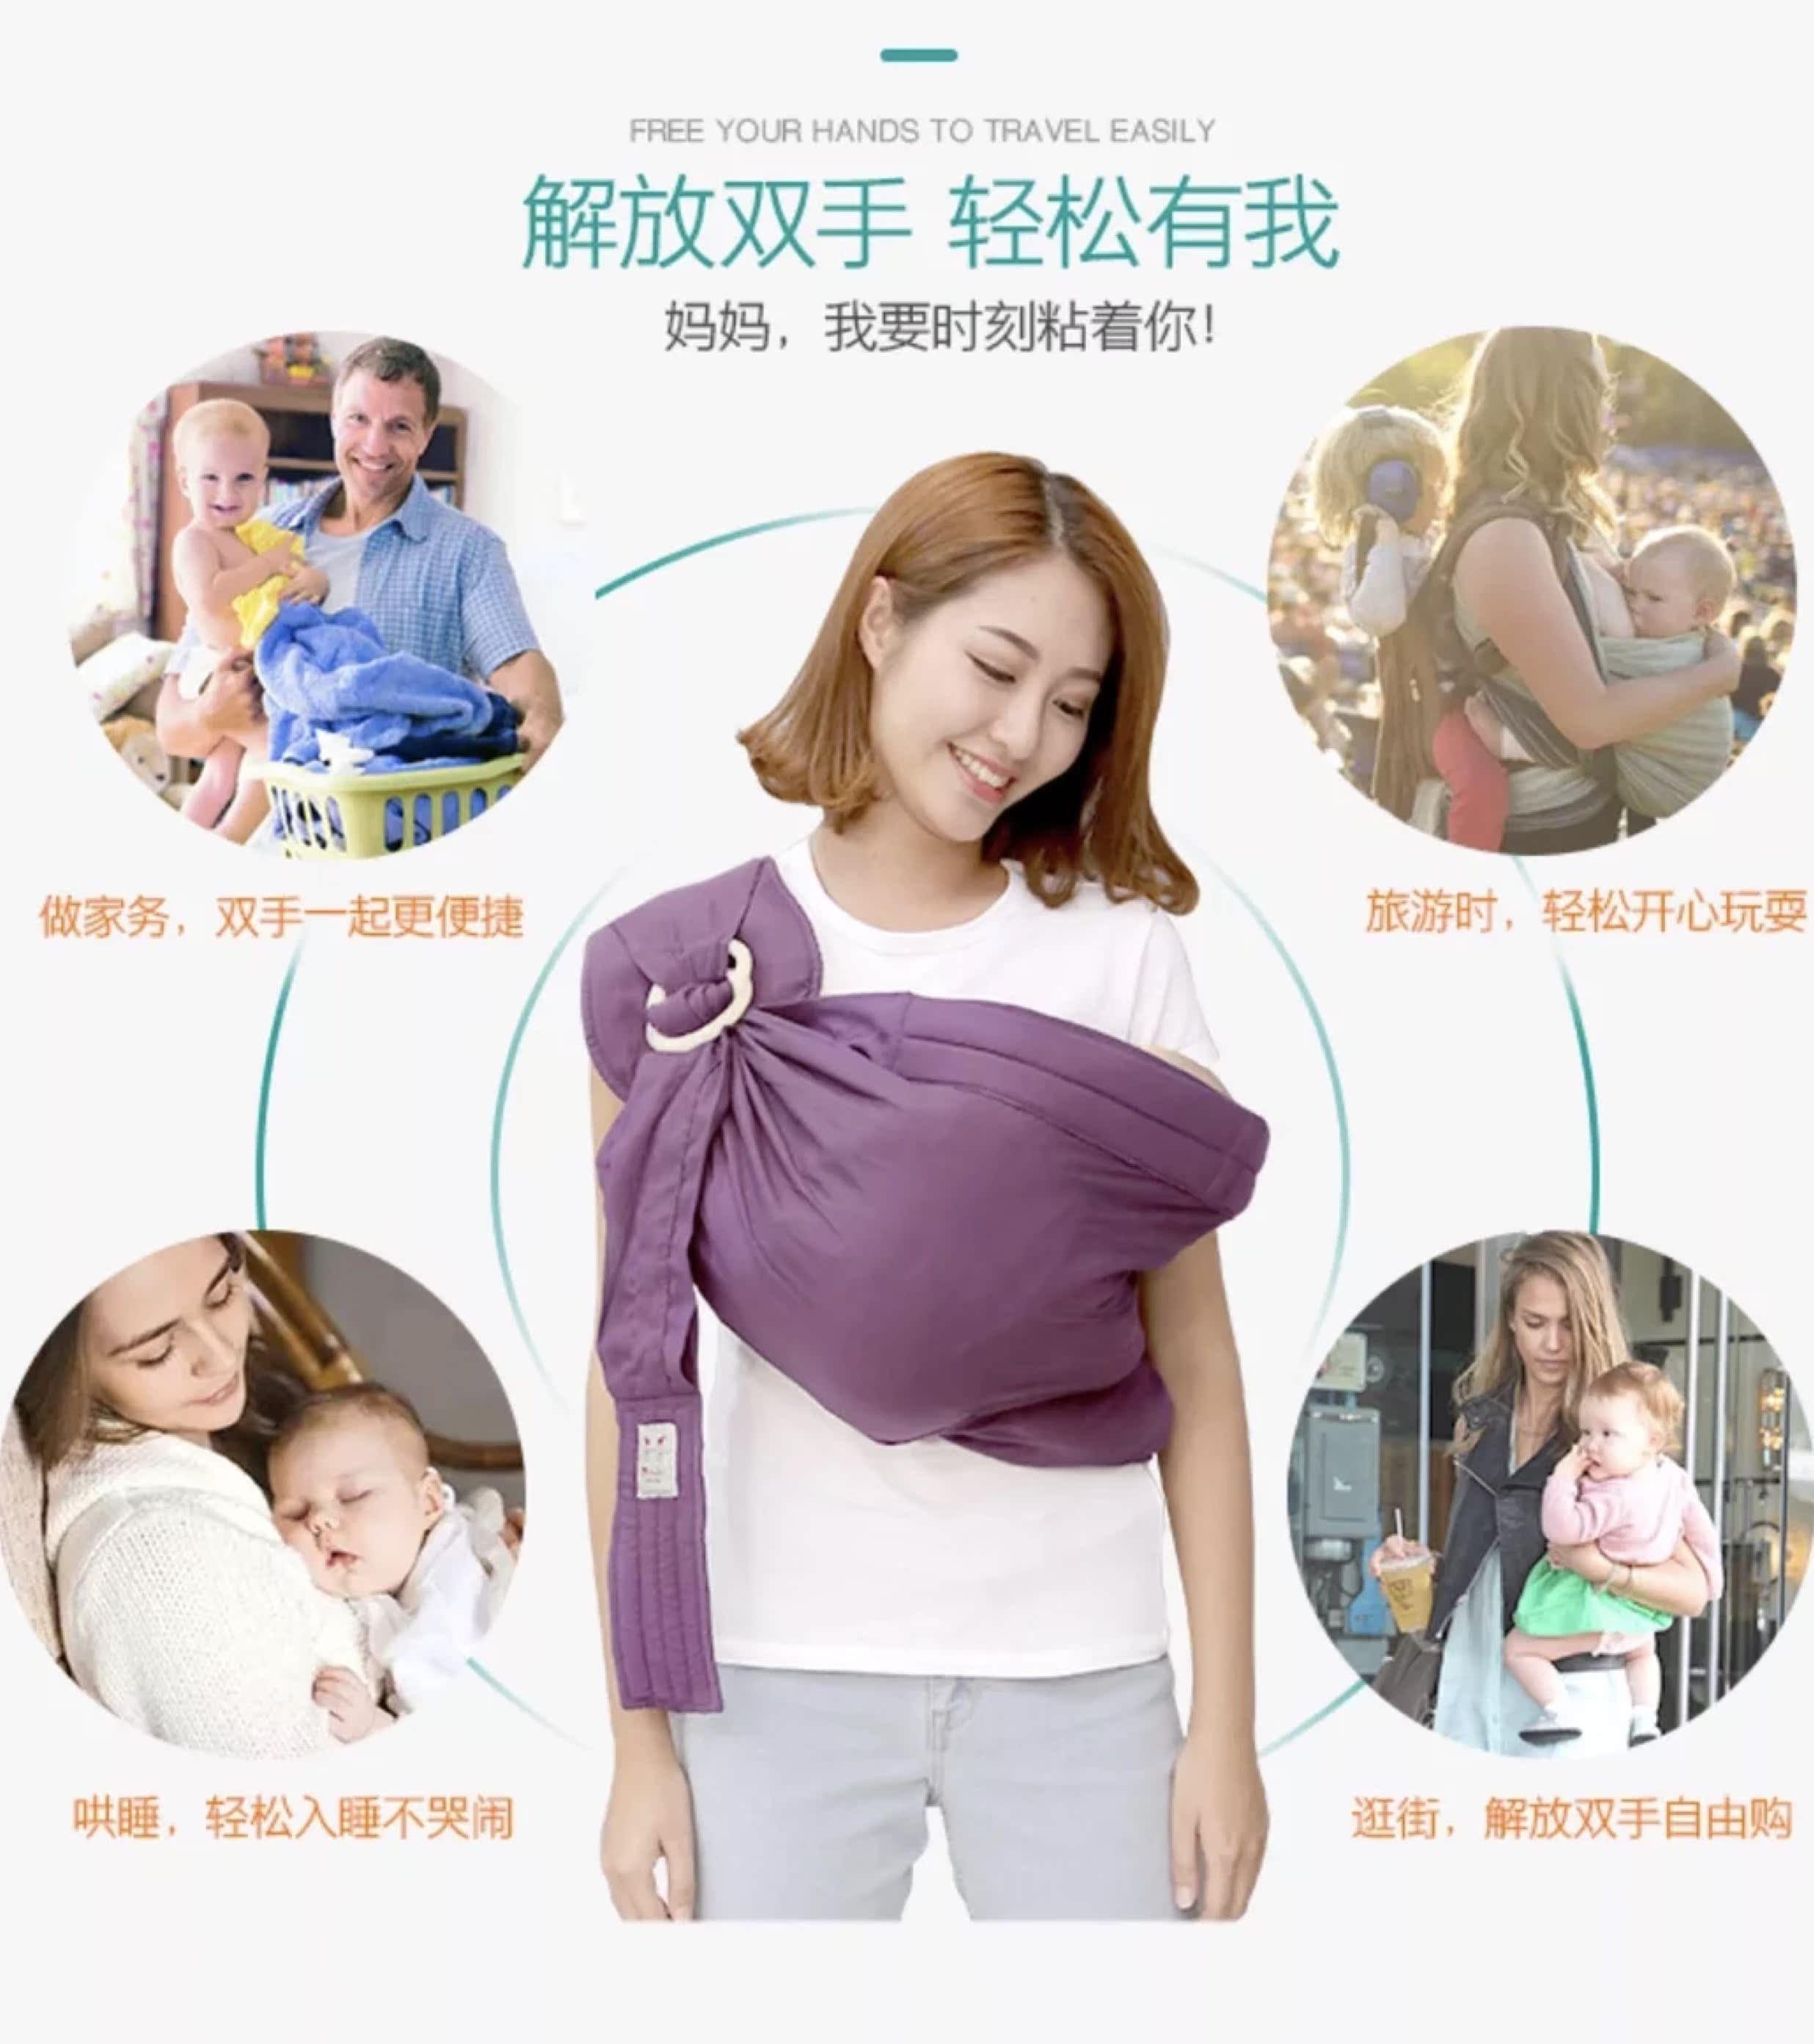 婴儿背巾育儿西尔斯哺乳有环背带横竖抱新生儿哄睡宝宝前抱式抱袋